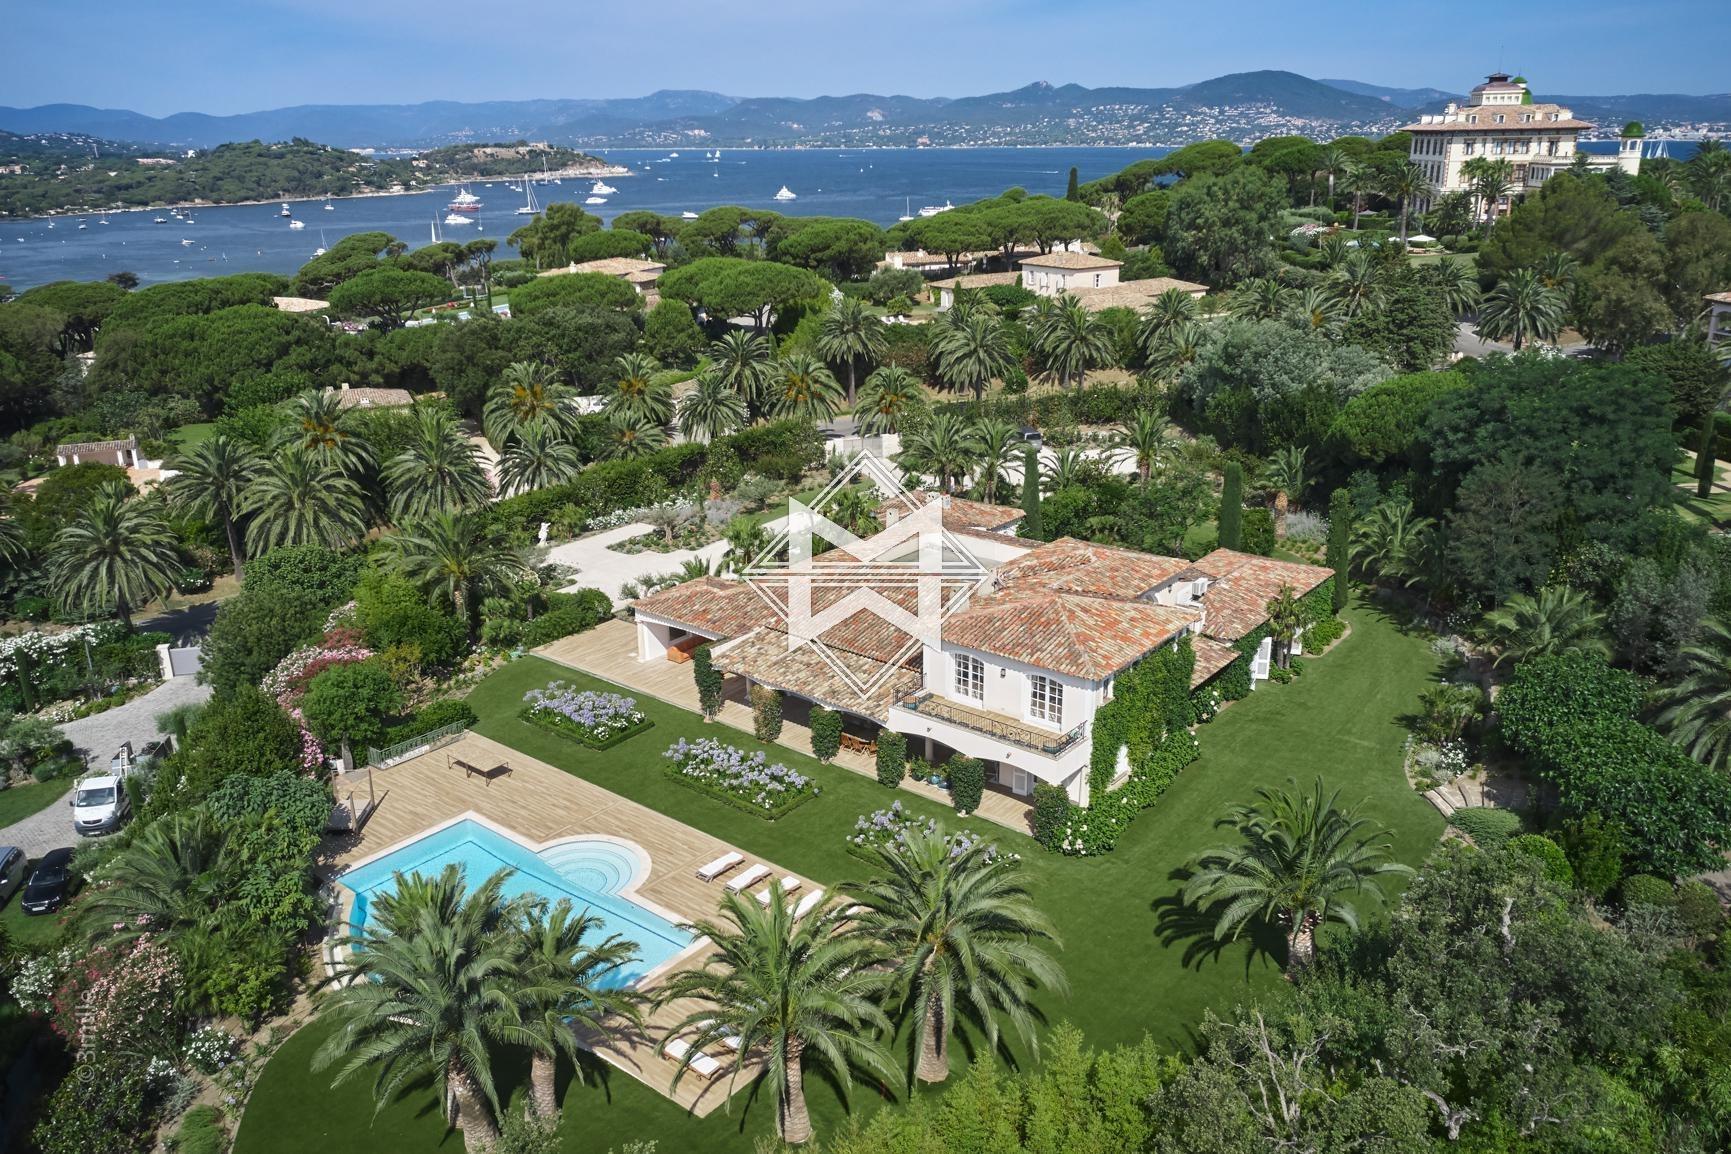 Villa in Saint-Tropez, Provence-Alpes-Côte d'Azur, France 1 - 10925403